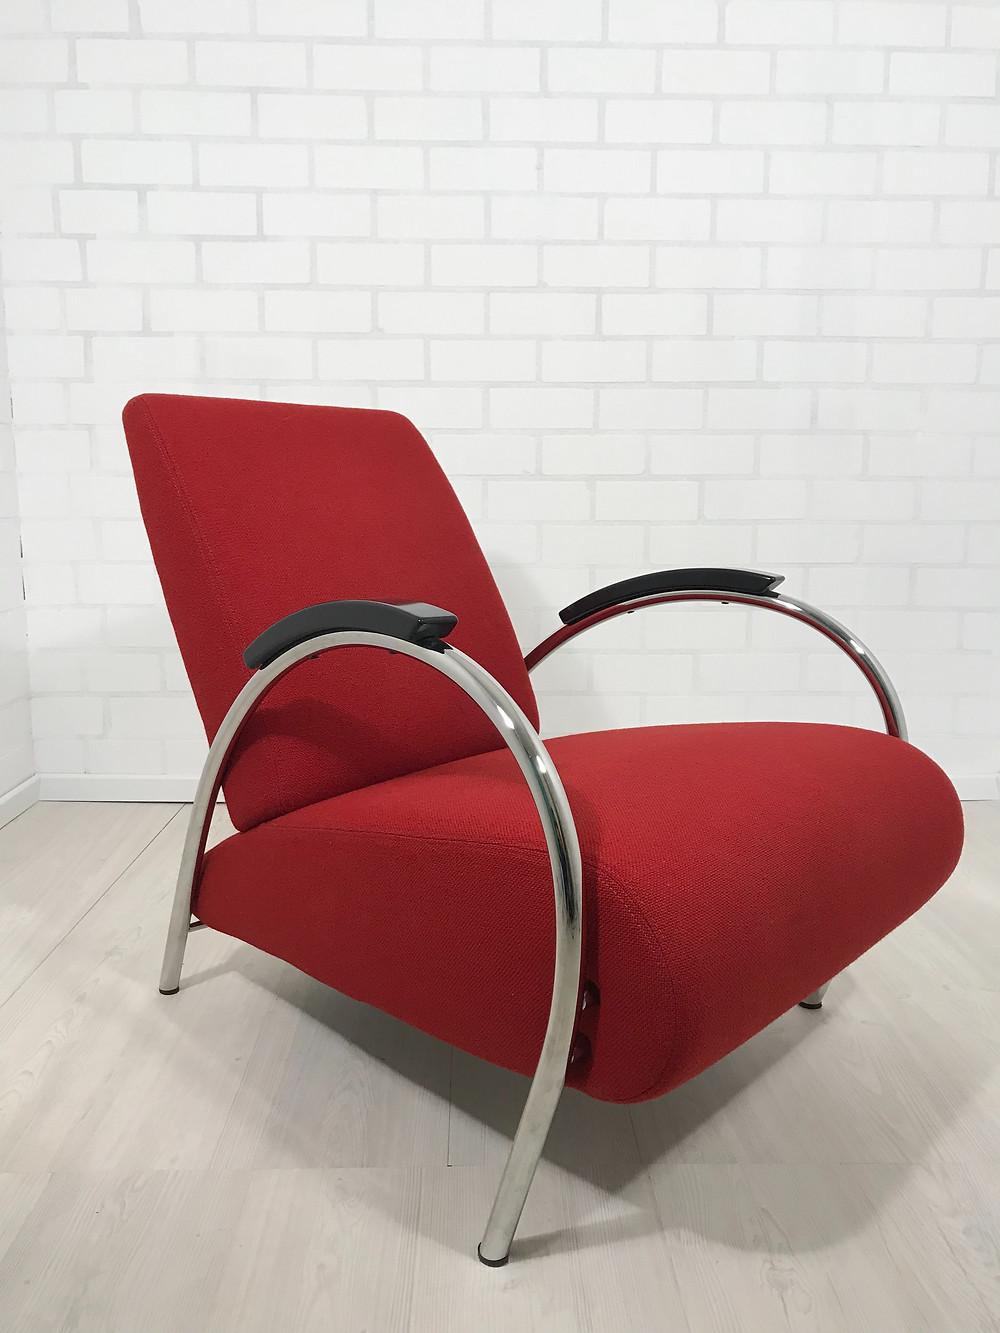 Gelderland 5770 Fauteuil Design Jan Des Bouvrie.De Echte Liefhebbers Willen Meer Weten Over Design Klassiekers